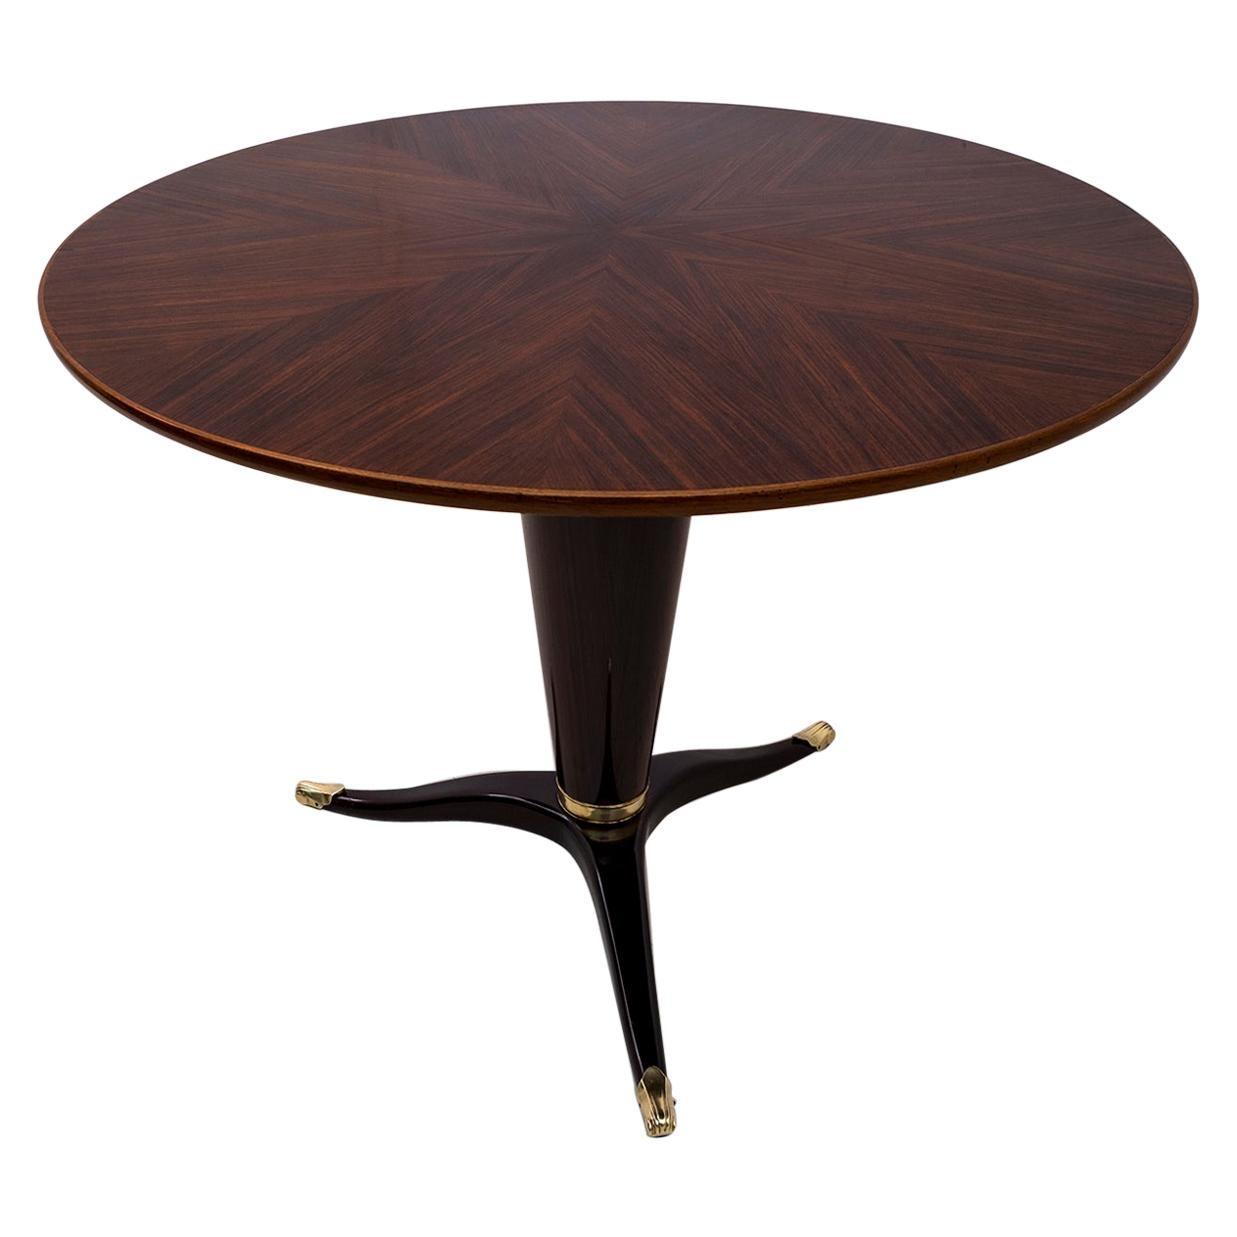 Paolo Buffa Mid-Century Modern Italian Mahogany and Walnut Round Table, 1950s